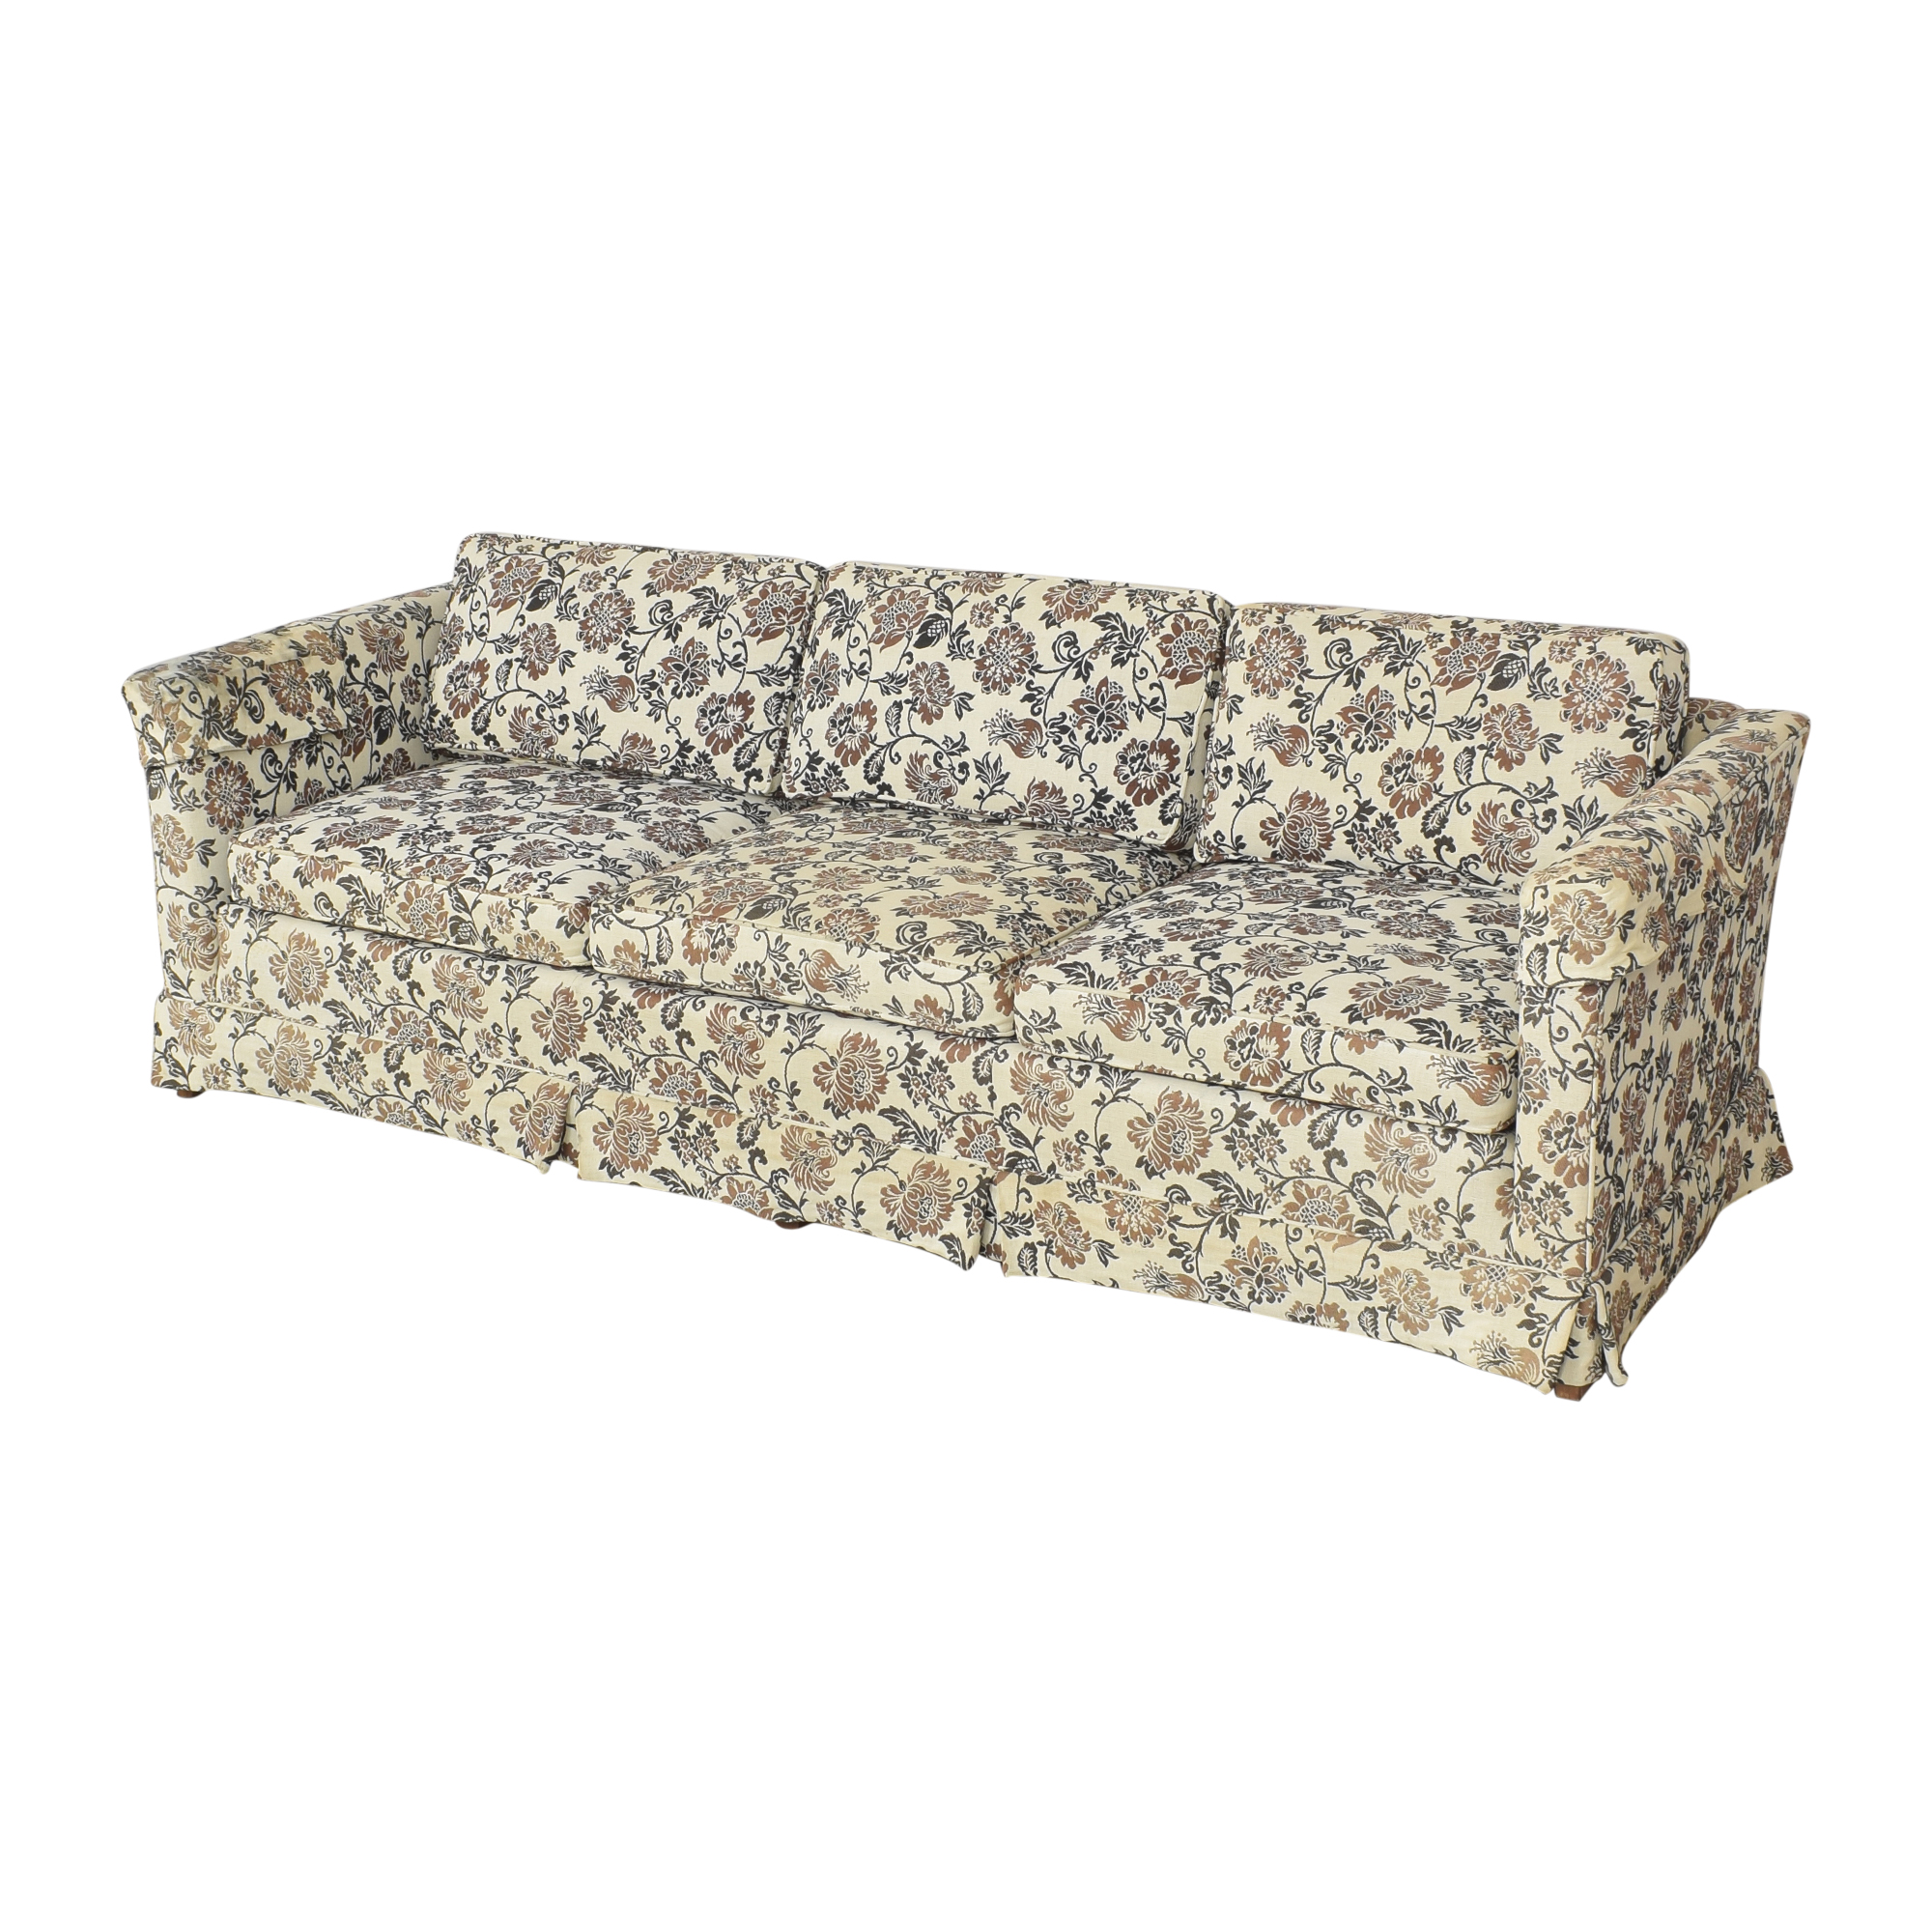 Ethan Allen Ethan Allen Skirted Three Cushion Sofa discount